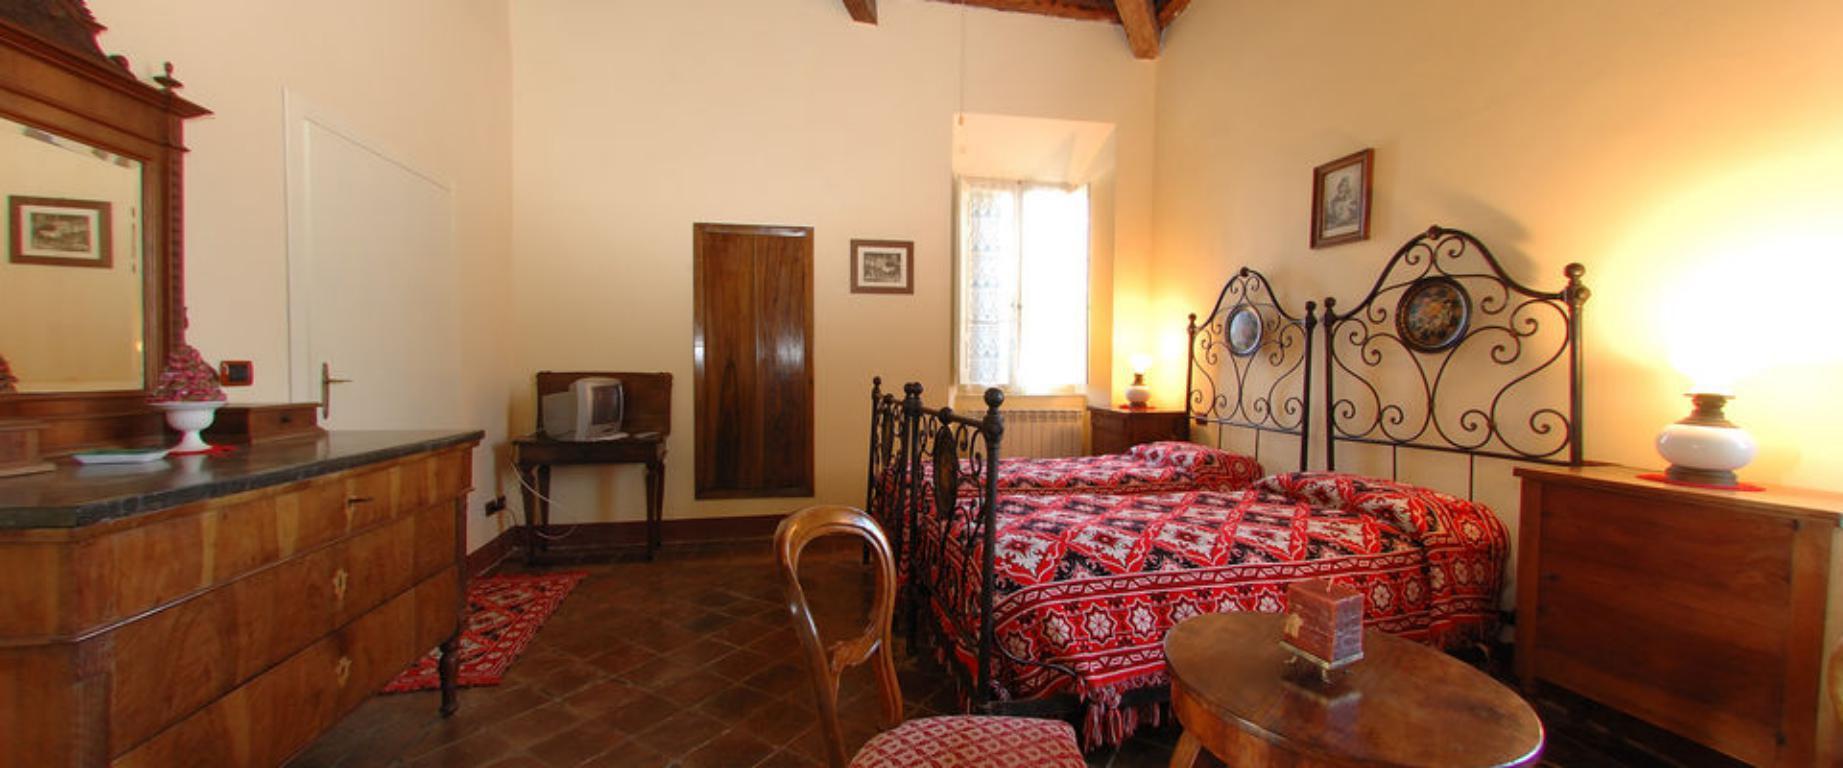 villa nobiliare  (12).jpg